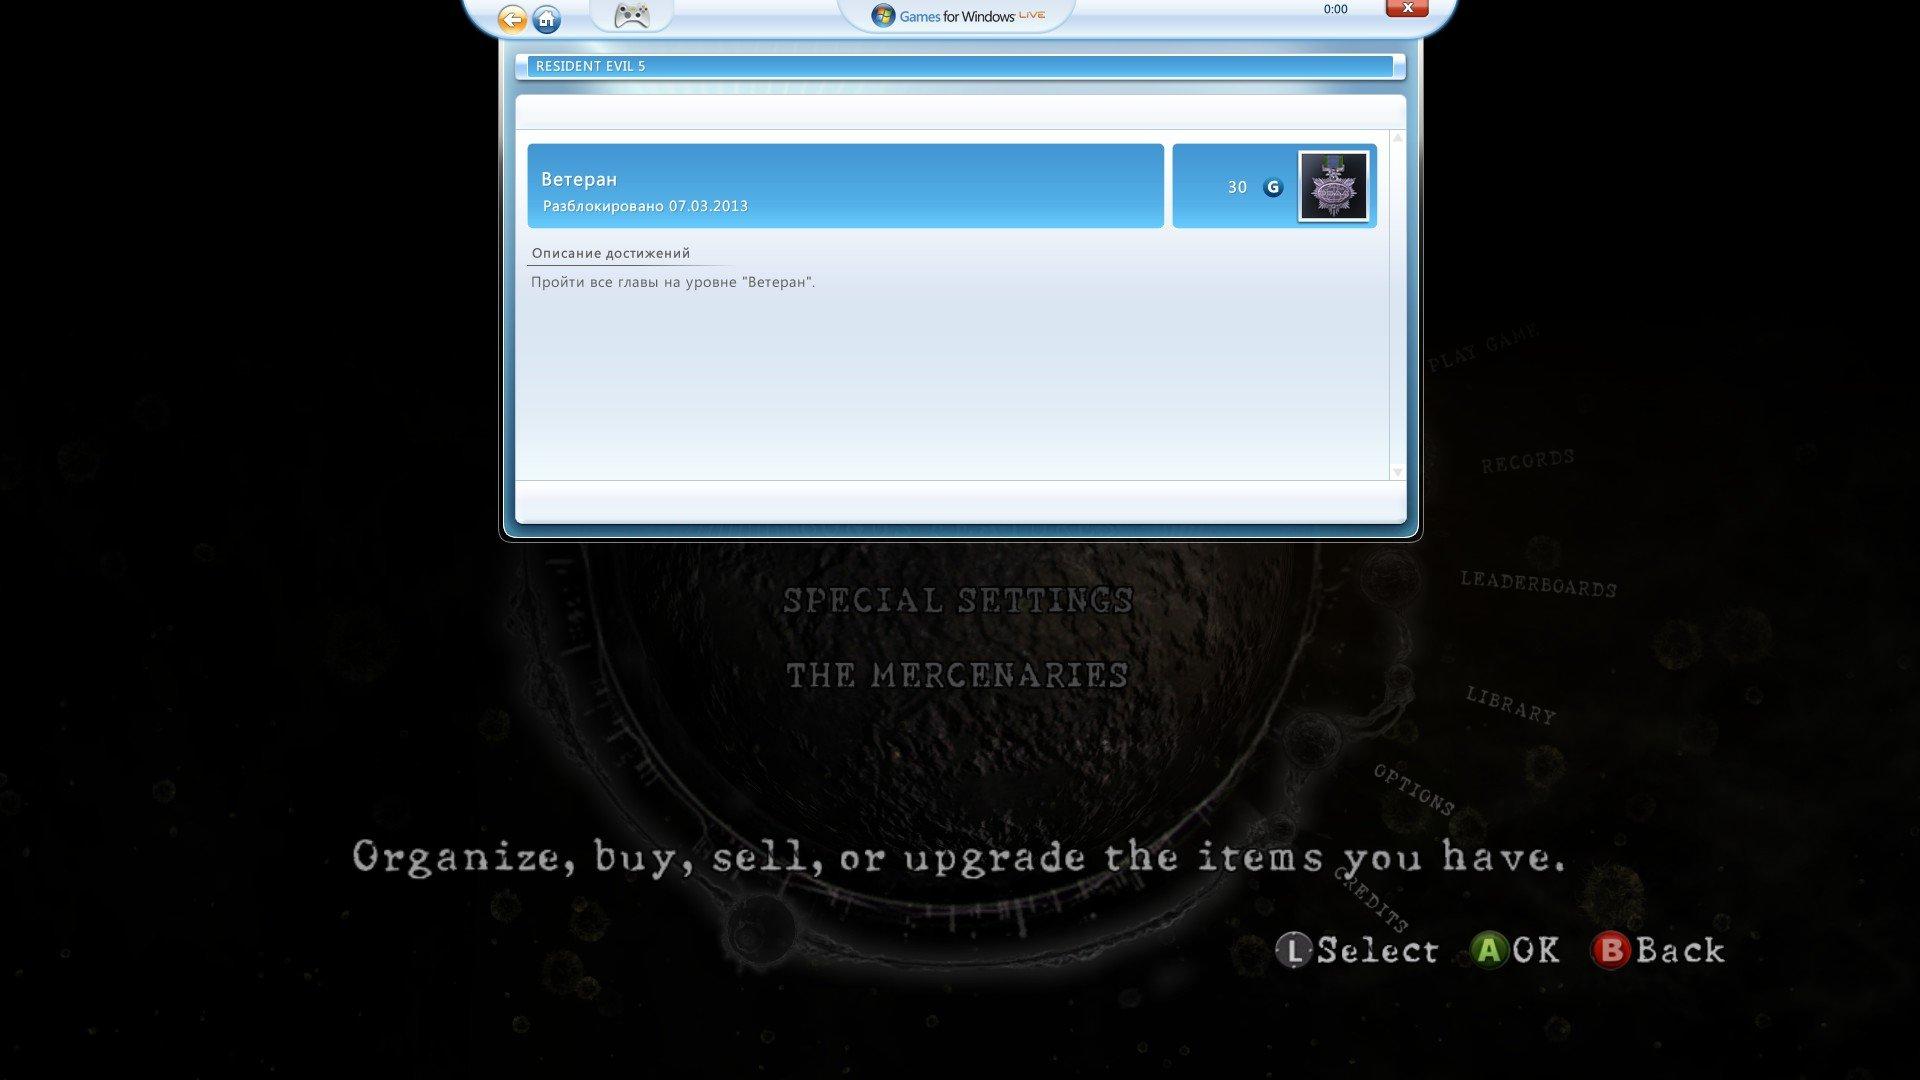 Resident Evil 5 на ветеране в кооперативе пройден. 33 часа. Теперь можно спокойно ждать выхода шестой части на PC. - Изображение 1